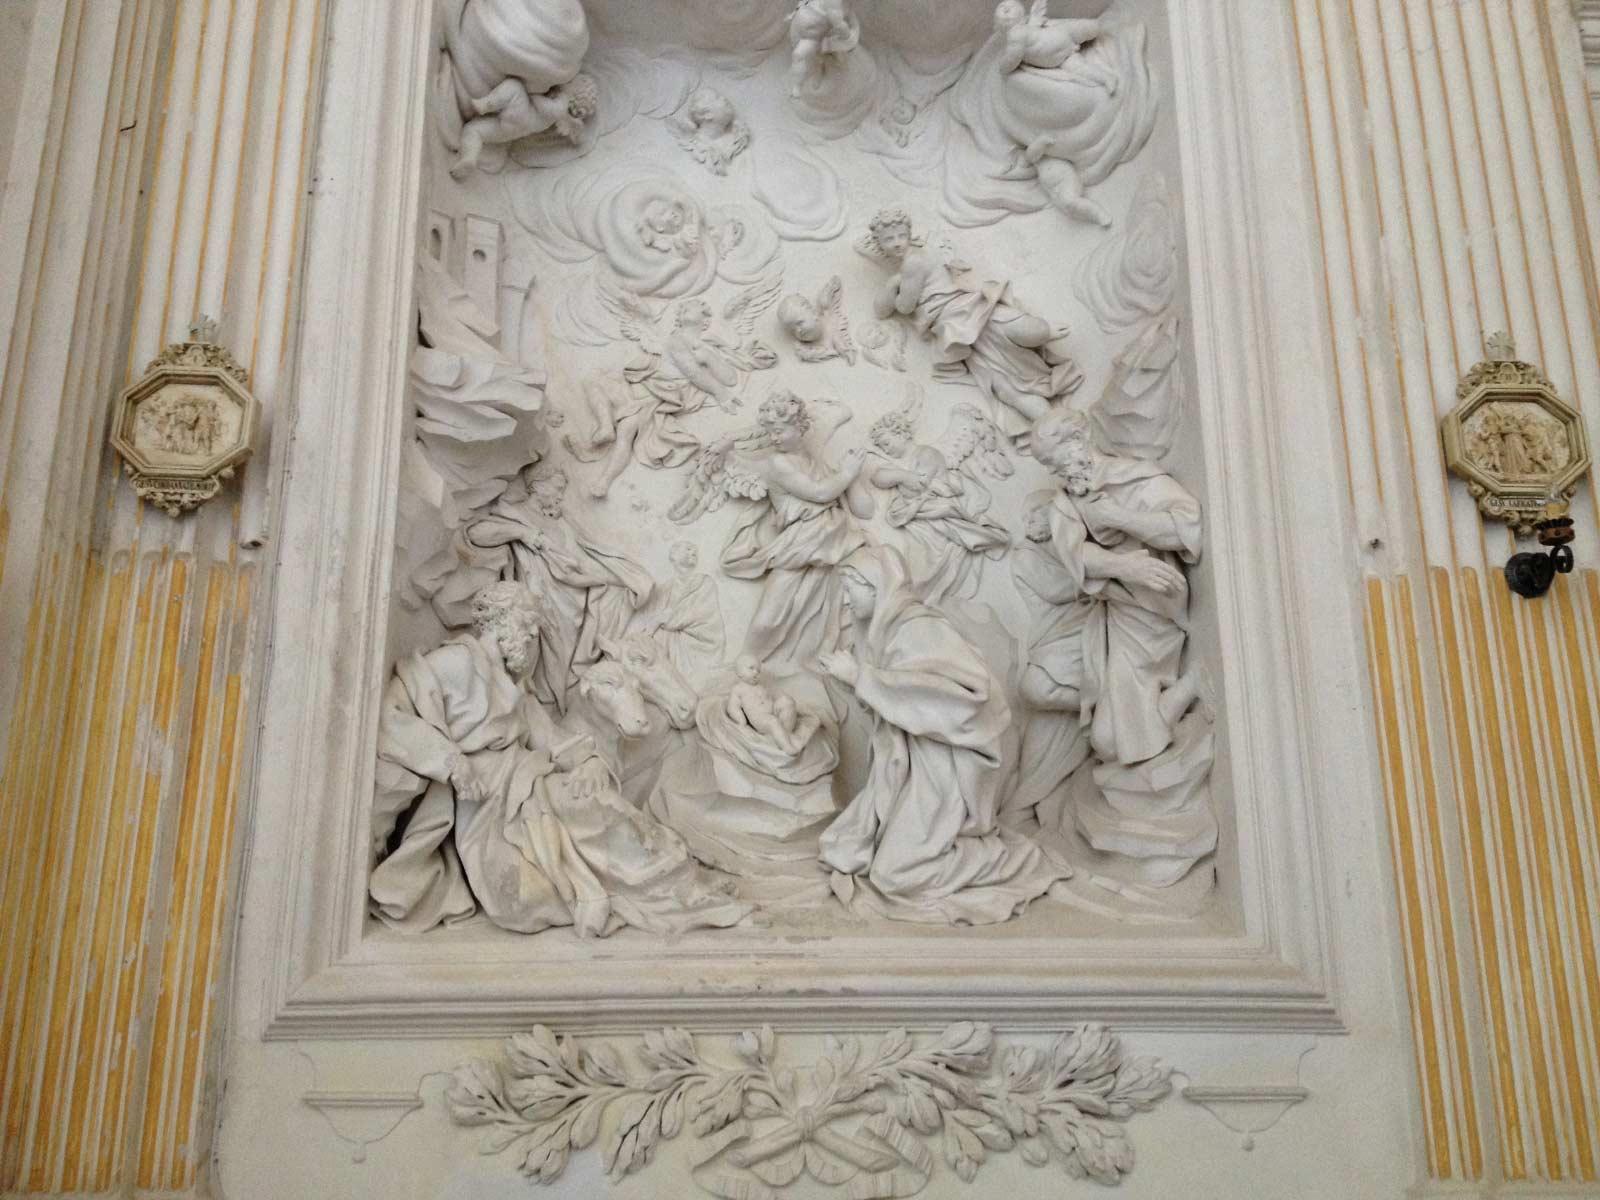 Dettaglio di uno dei quadri di stucco di Serpotta dentro la chiesa di Santo Spirito